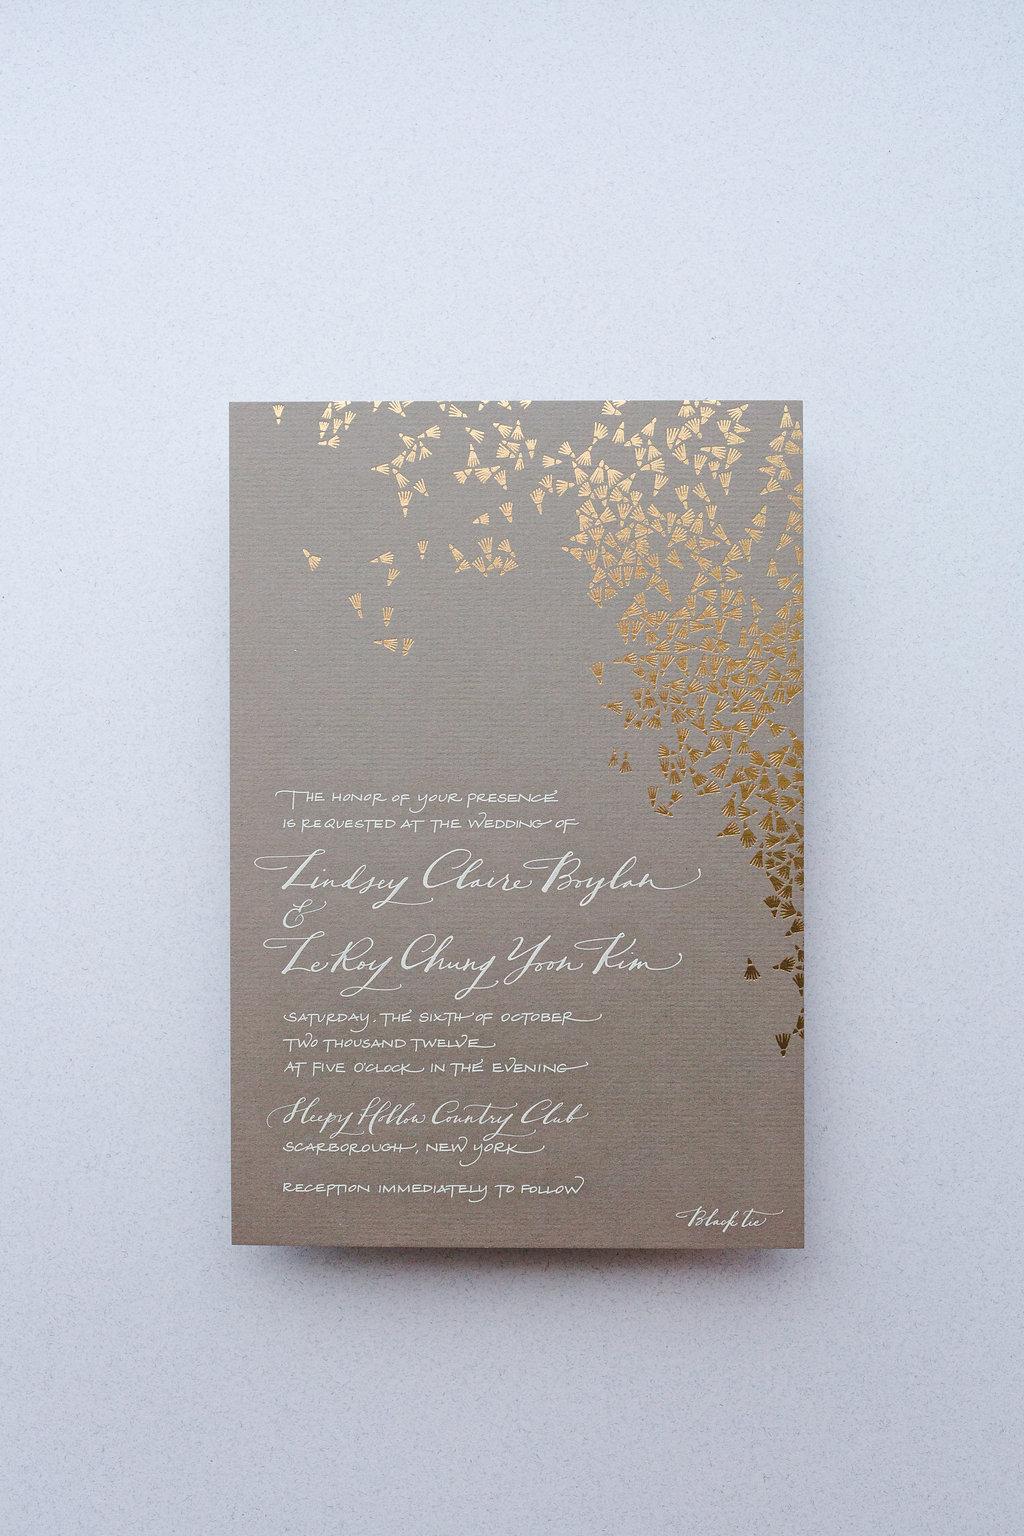 paperfinger-invitation-ivoryengraving.jpg